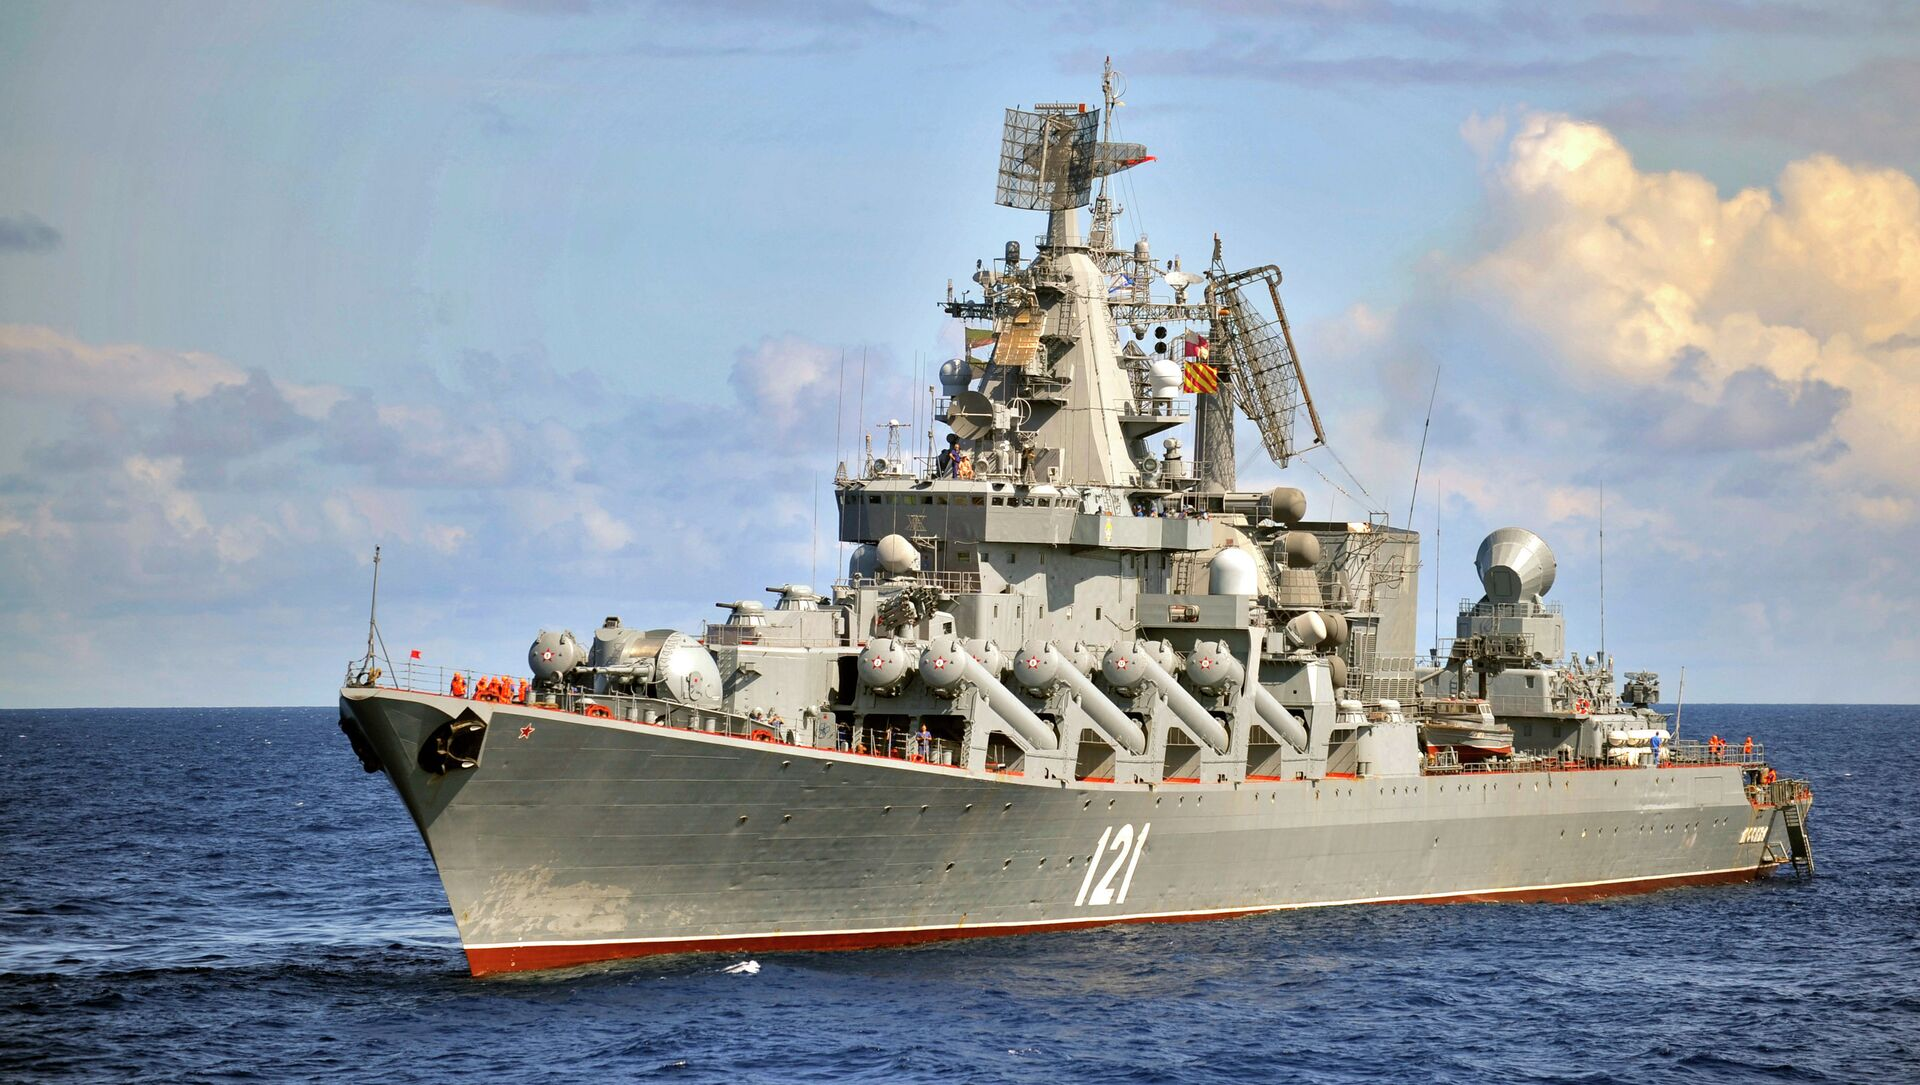 Rusya Karadeniz Filosu -  Moskova füze kruvazörü - Sputnik Türkiye, 1920, 14.04.2021